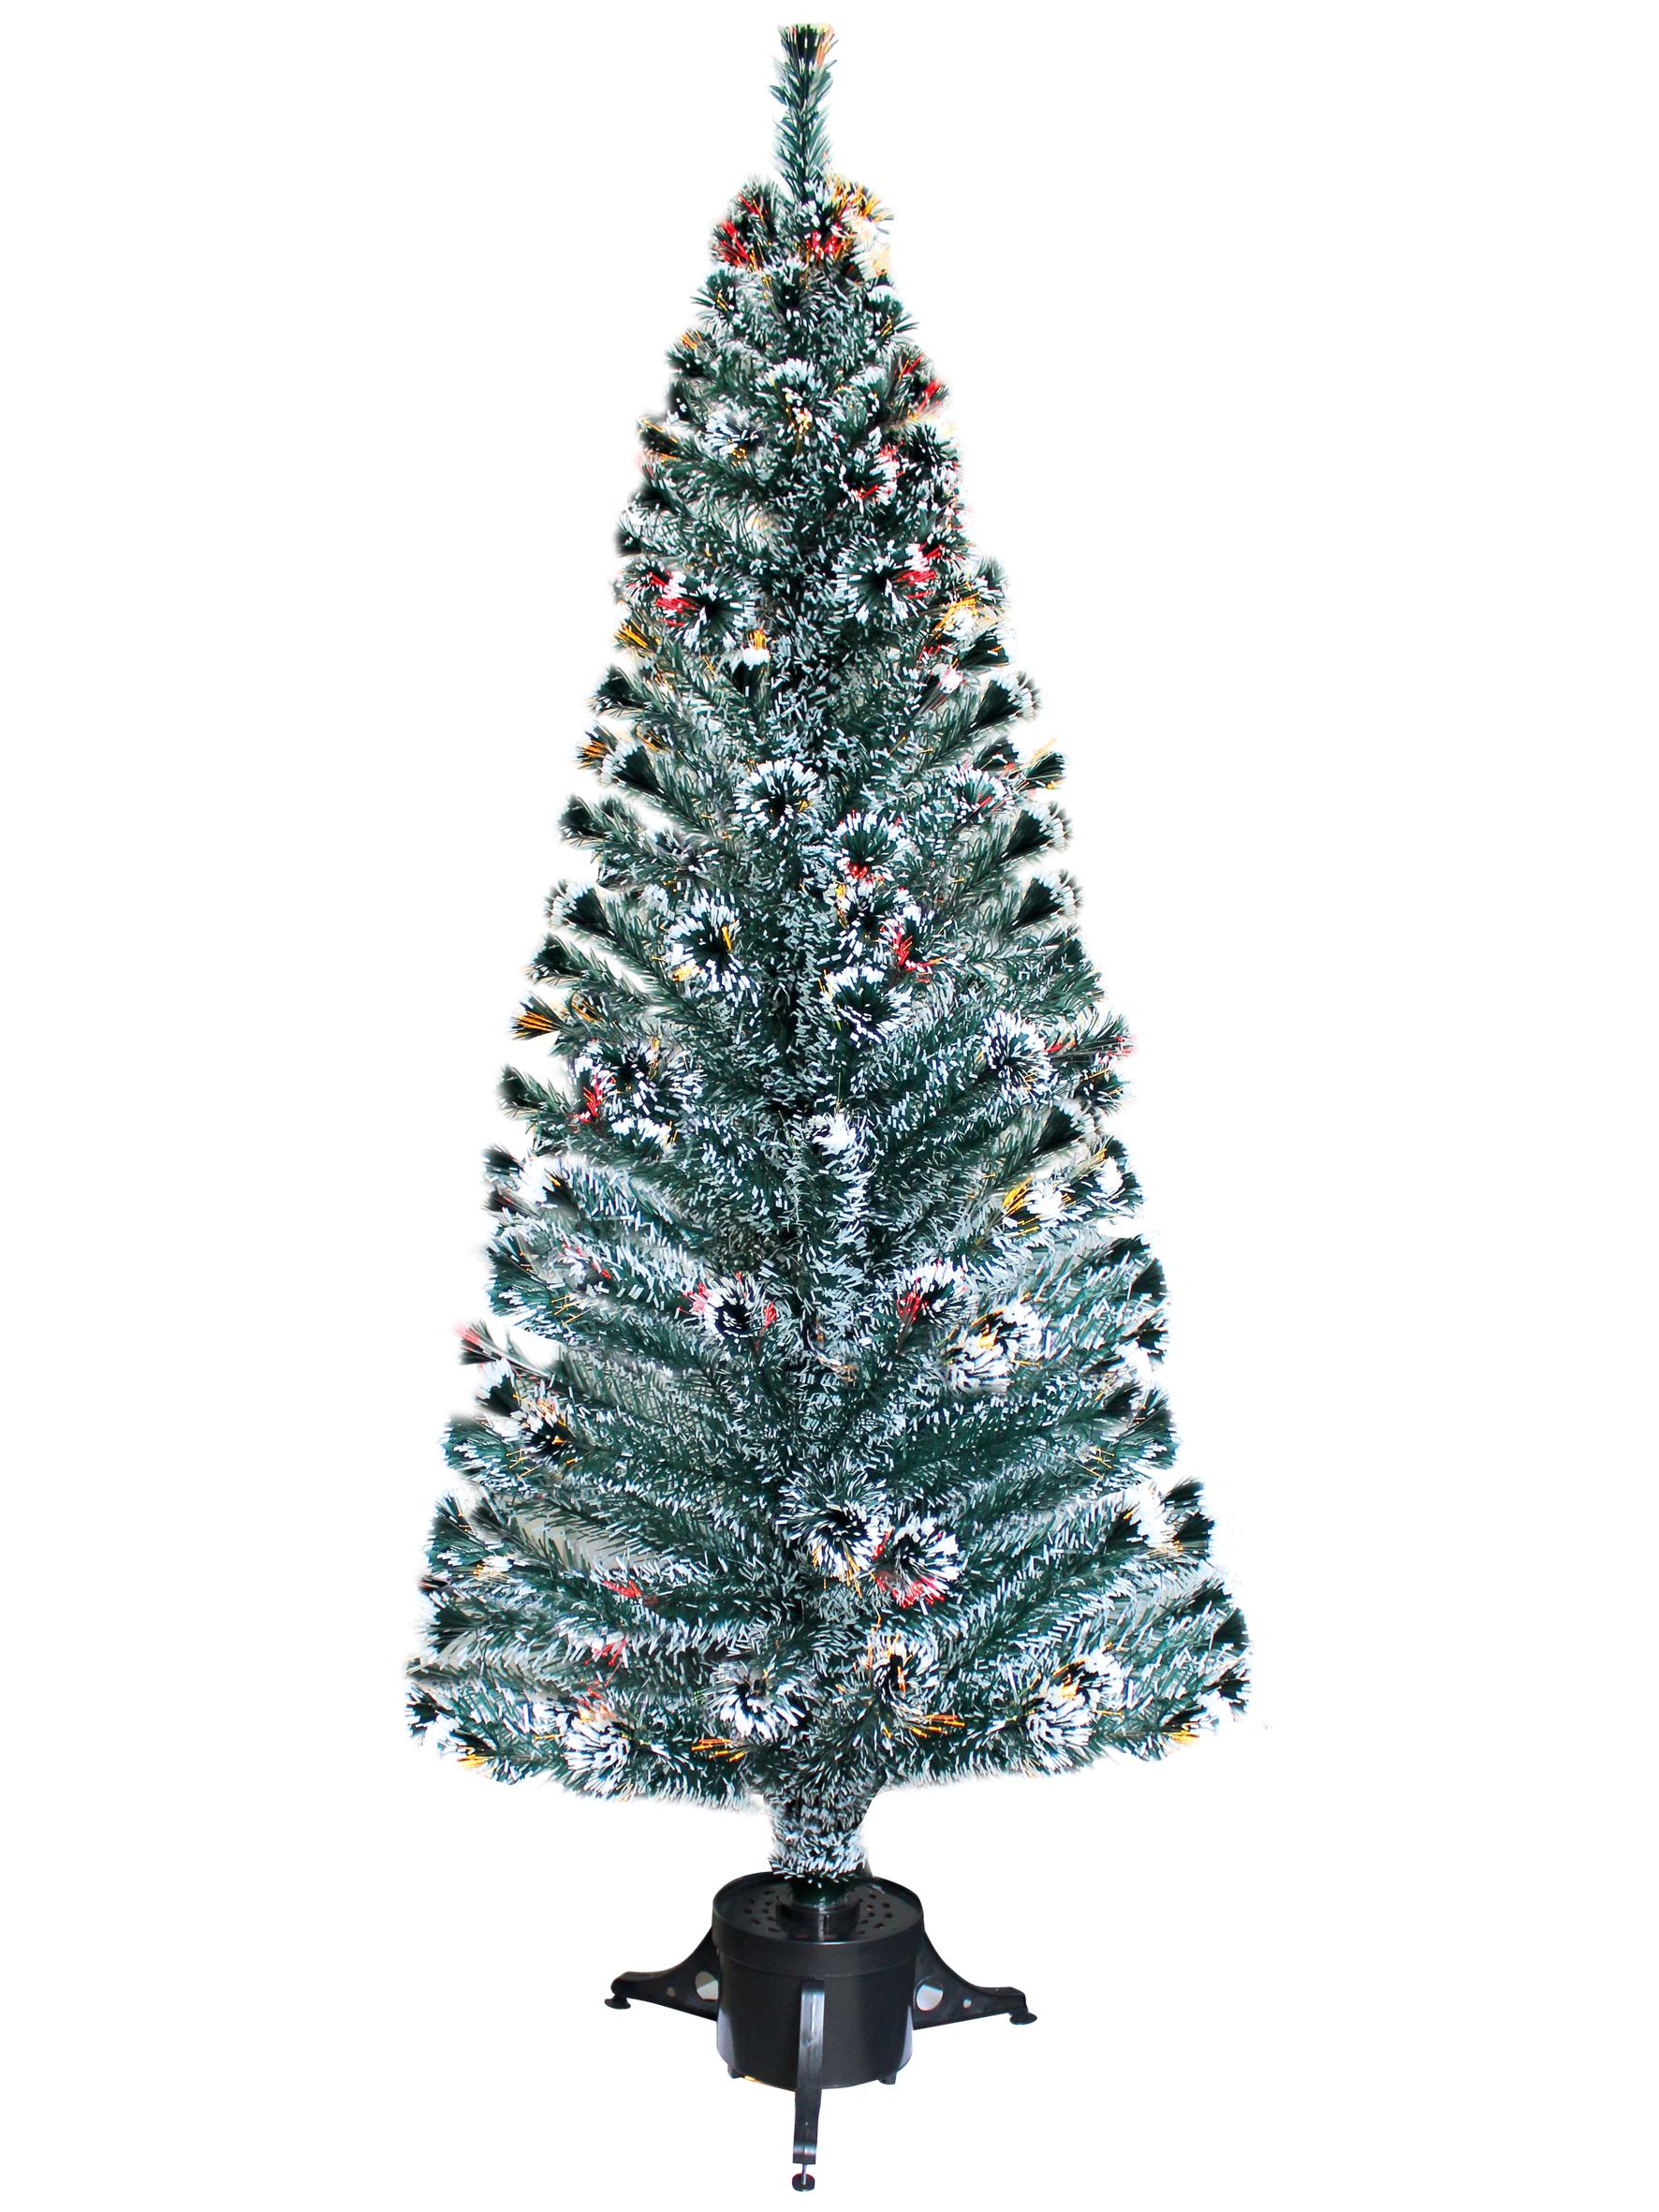 Künstlicher Weihnachtsbaum Mit Beleuchtung.Künstlicher Weihnachtsbaum Mit Beleuchtung 100 Cm Inkl Baumständer